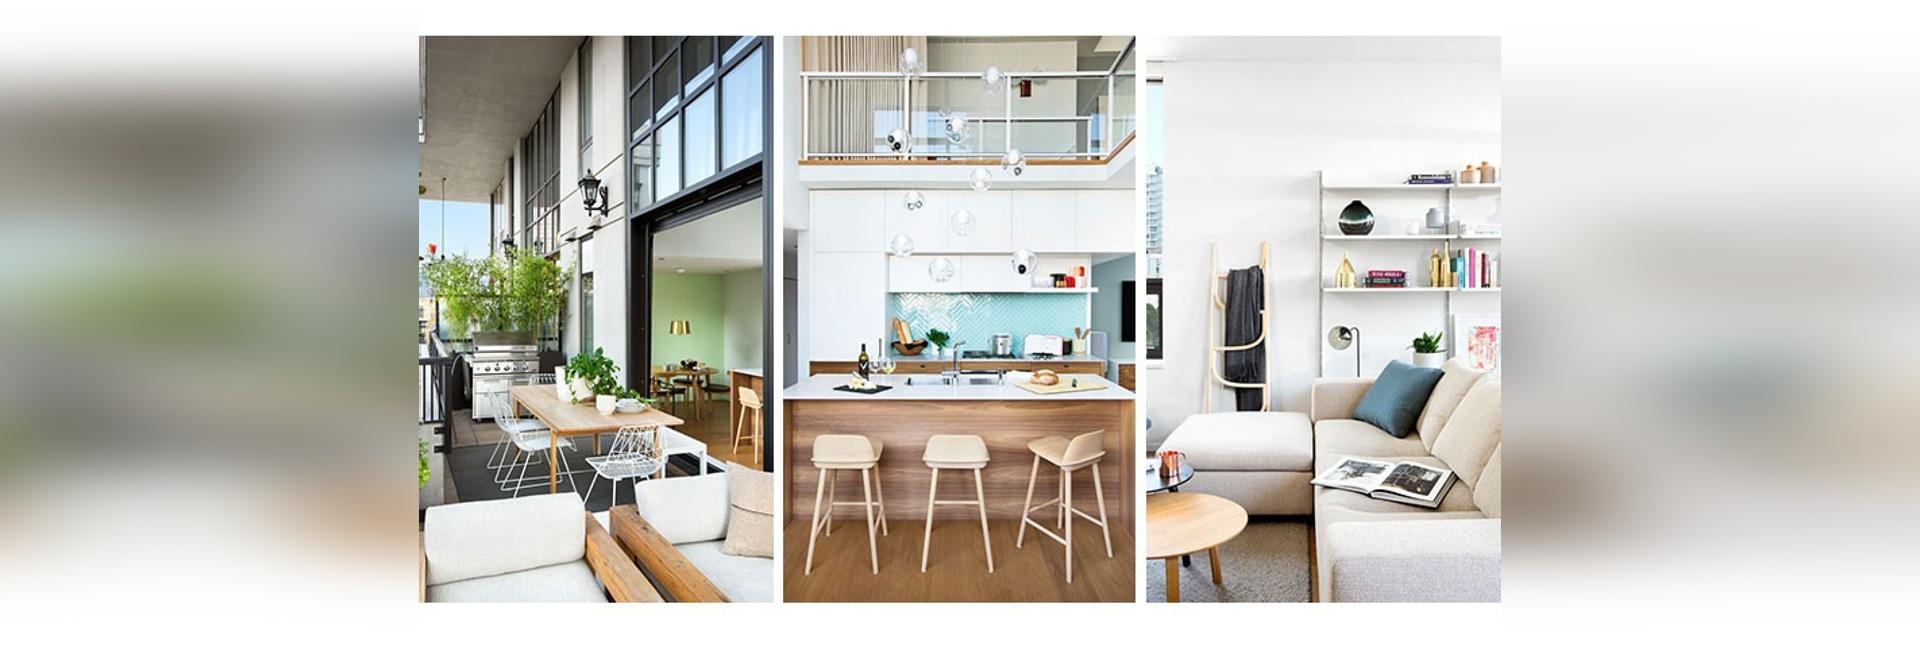 Falken Reynolds Have Designed The Interiors dieser Dachboden-Wohnung ...